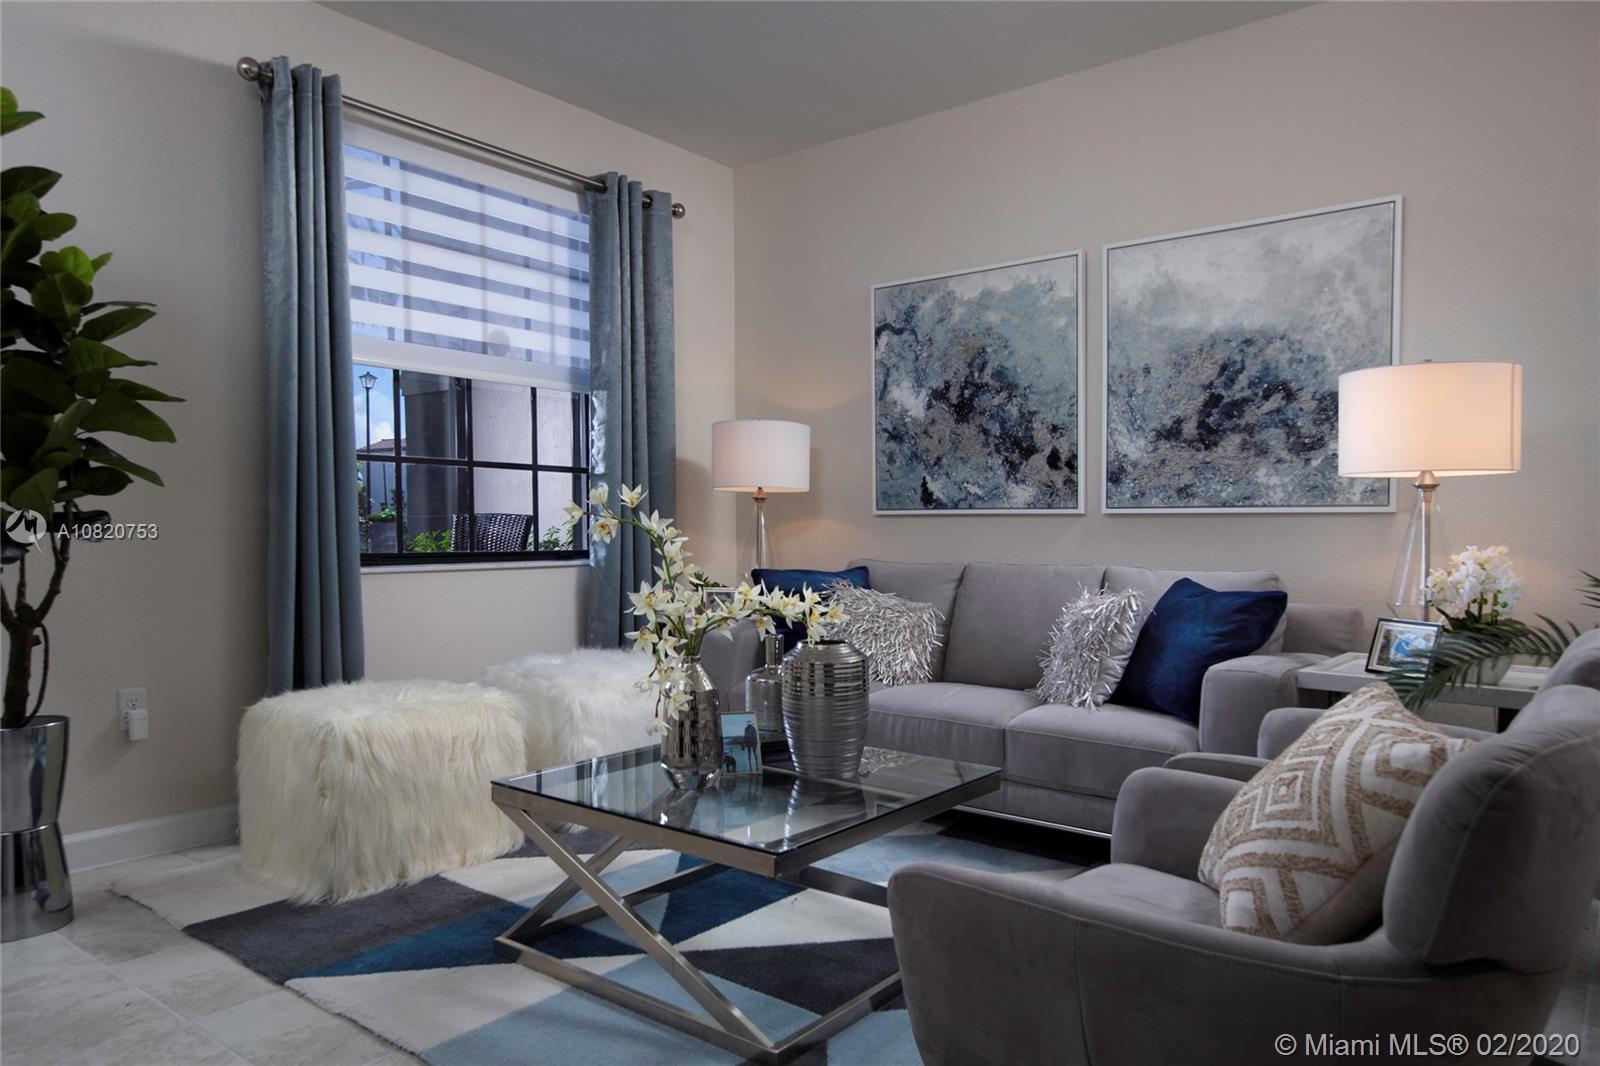 11343 SW 248 TERR, Miami, FL 33032 - Miami, FL real estate listing